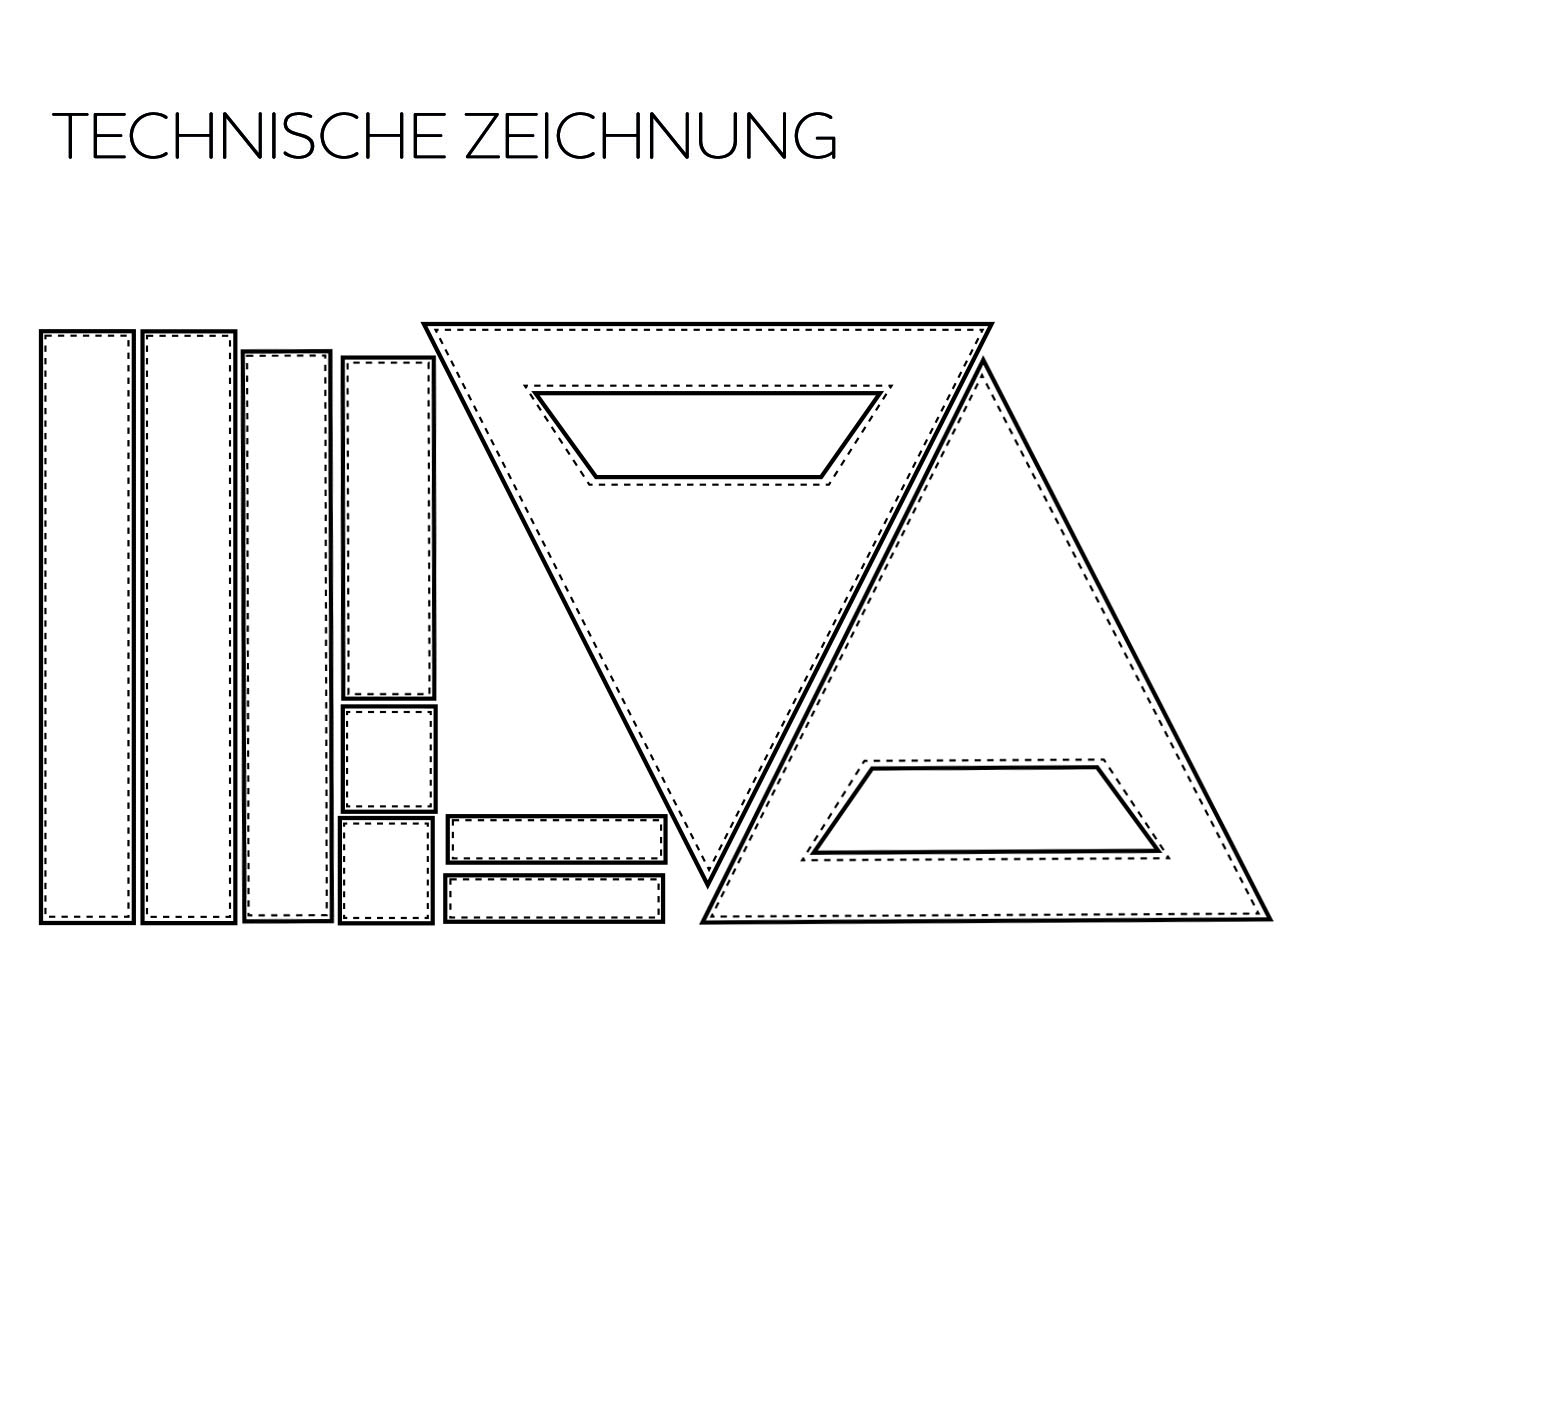 JACQUELINE RODAK Beitrag WOLA-Design Wettbewerb 2021-4